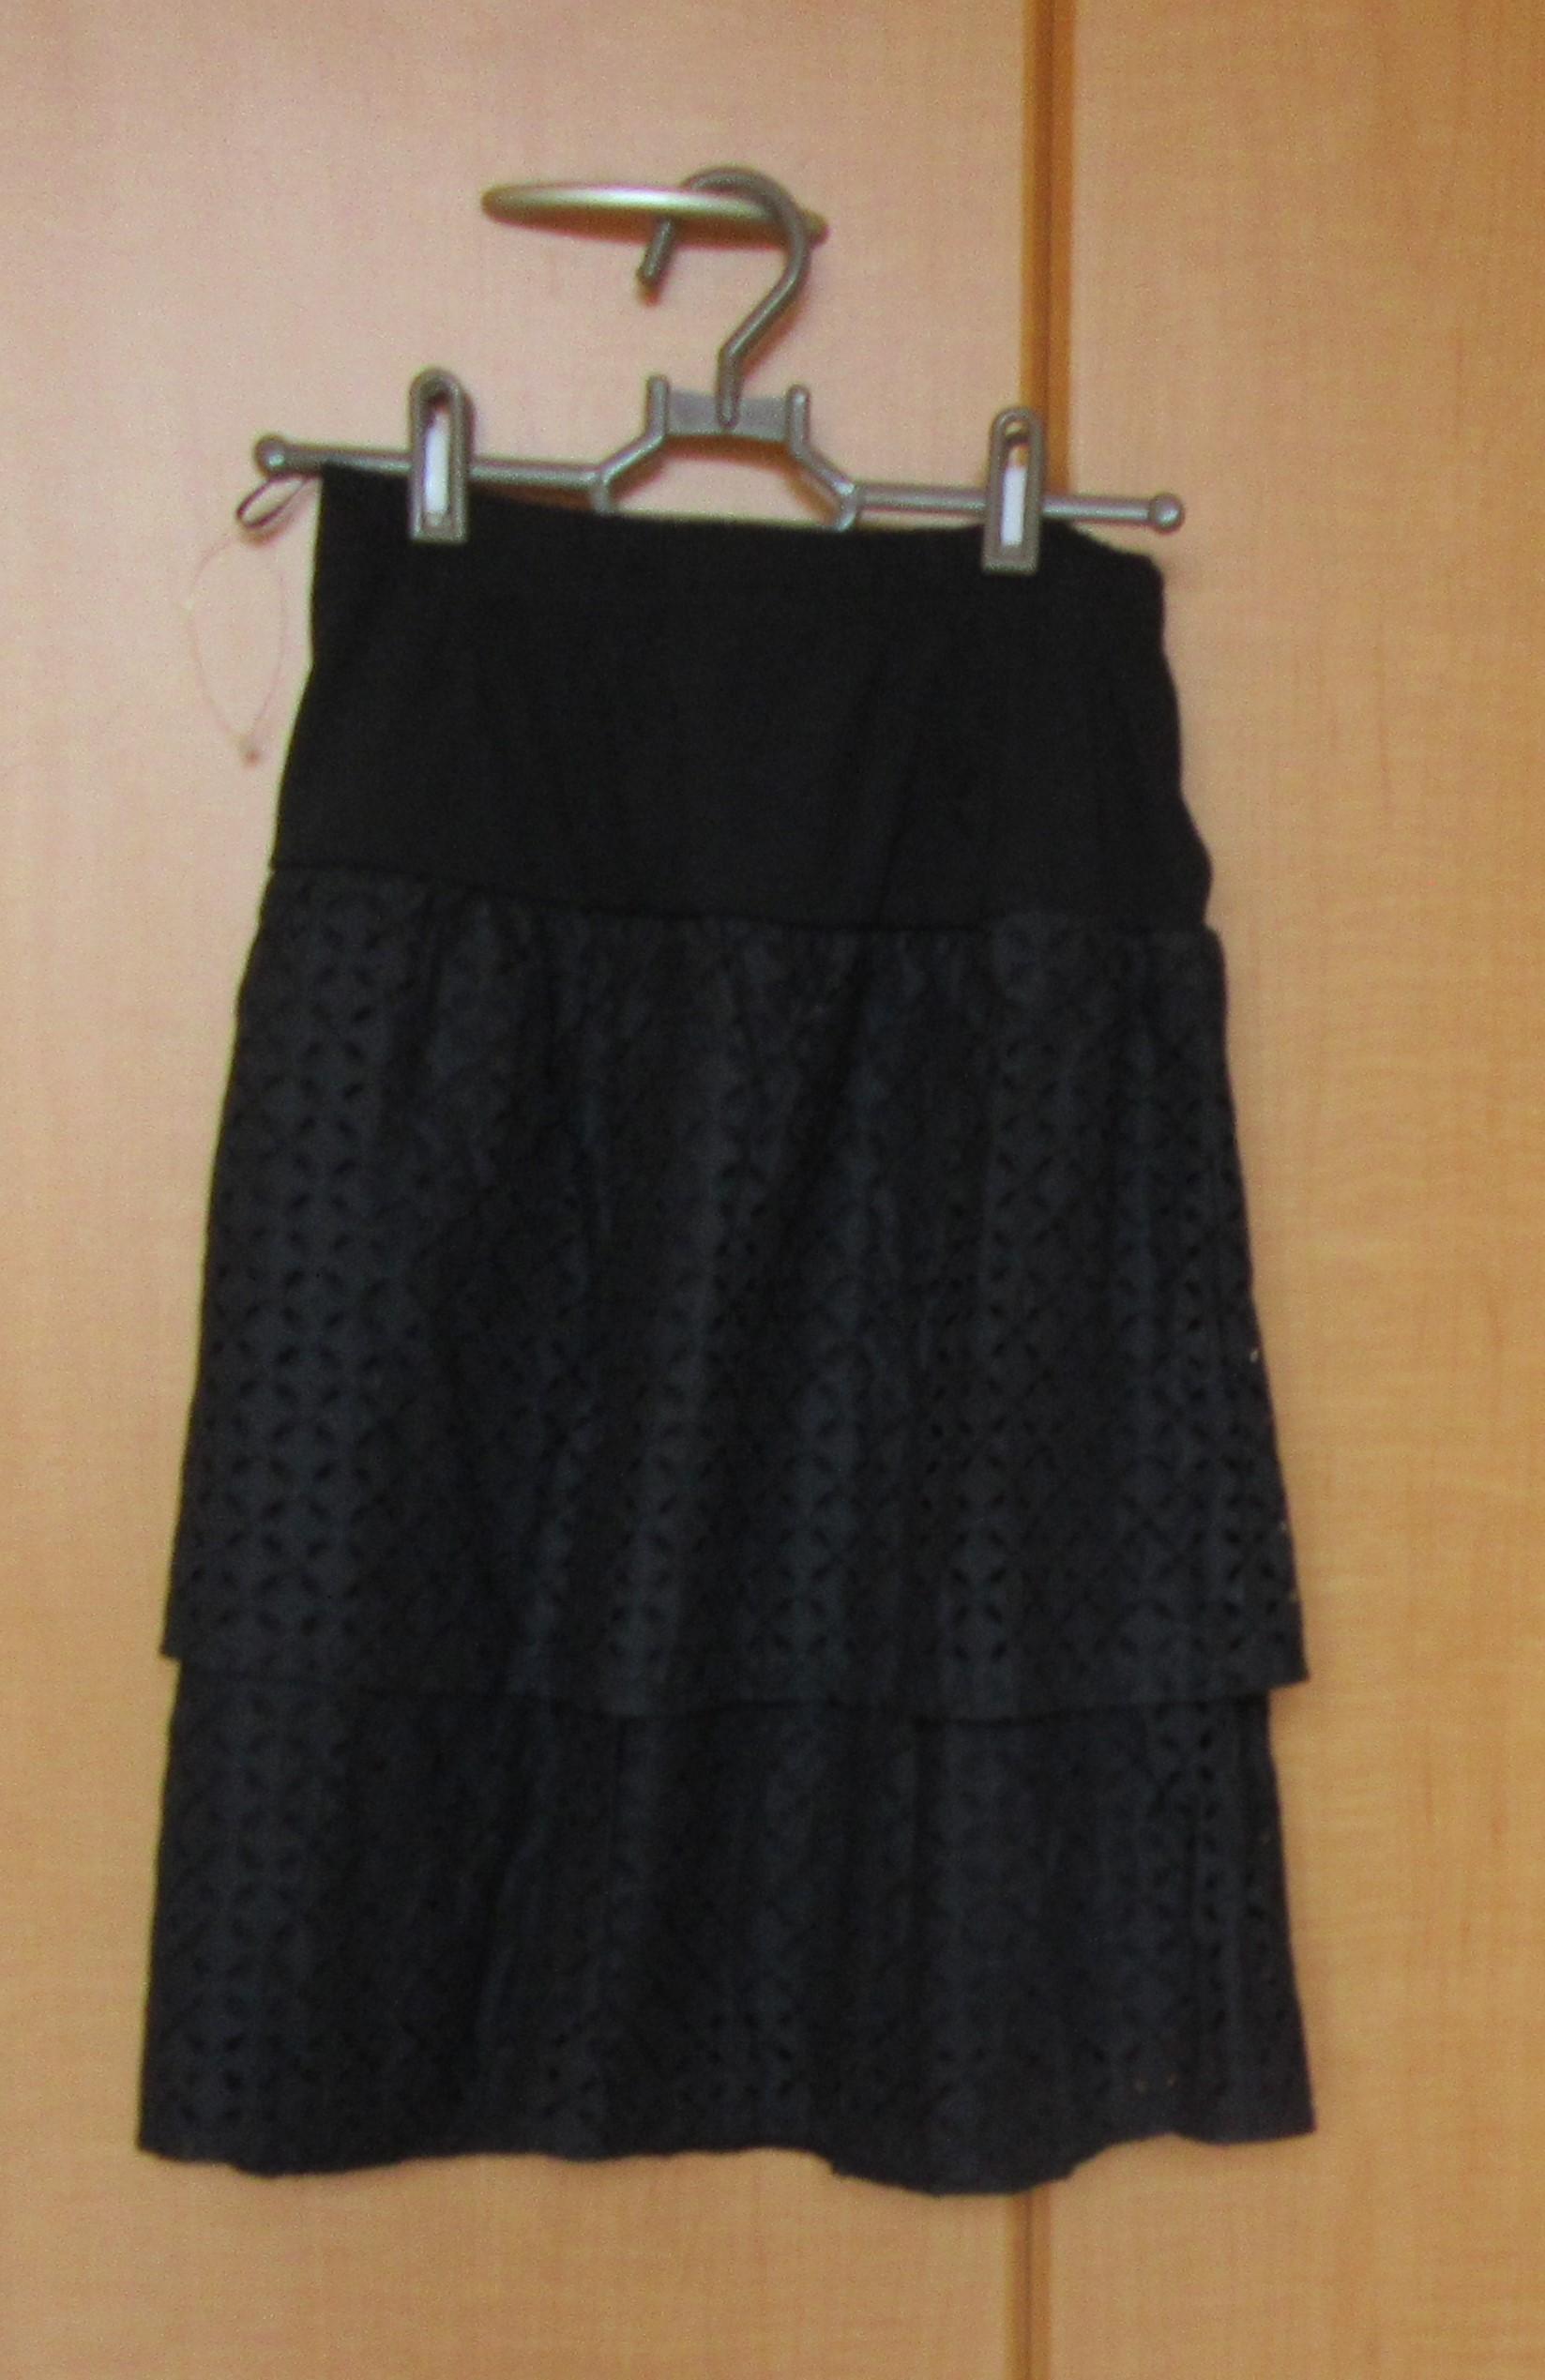 ミニスカート ティアードフリル 黒 新品 Sサイズ